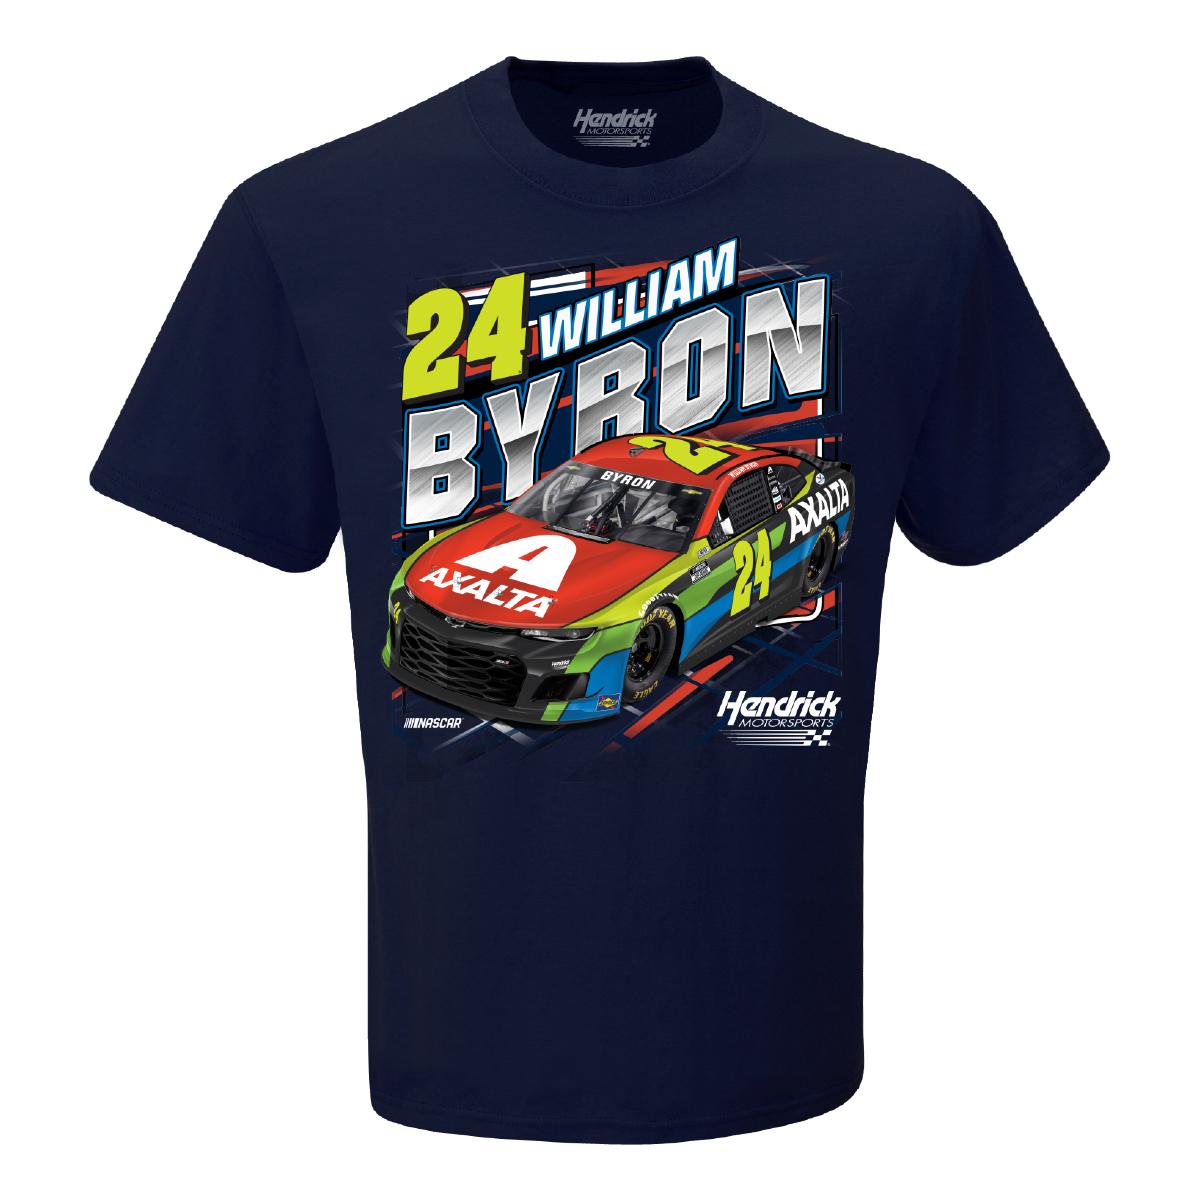 William Byron #24 2021 Qualifying Tee